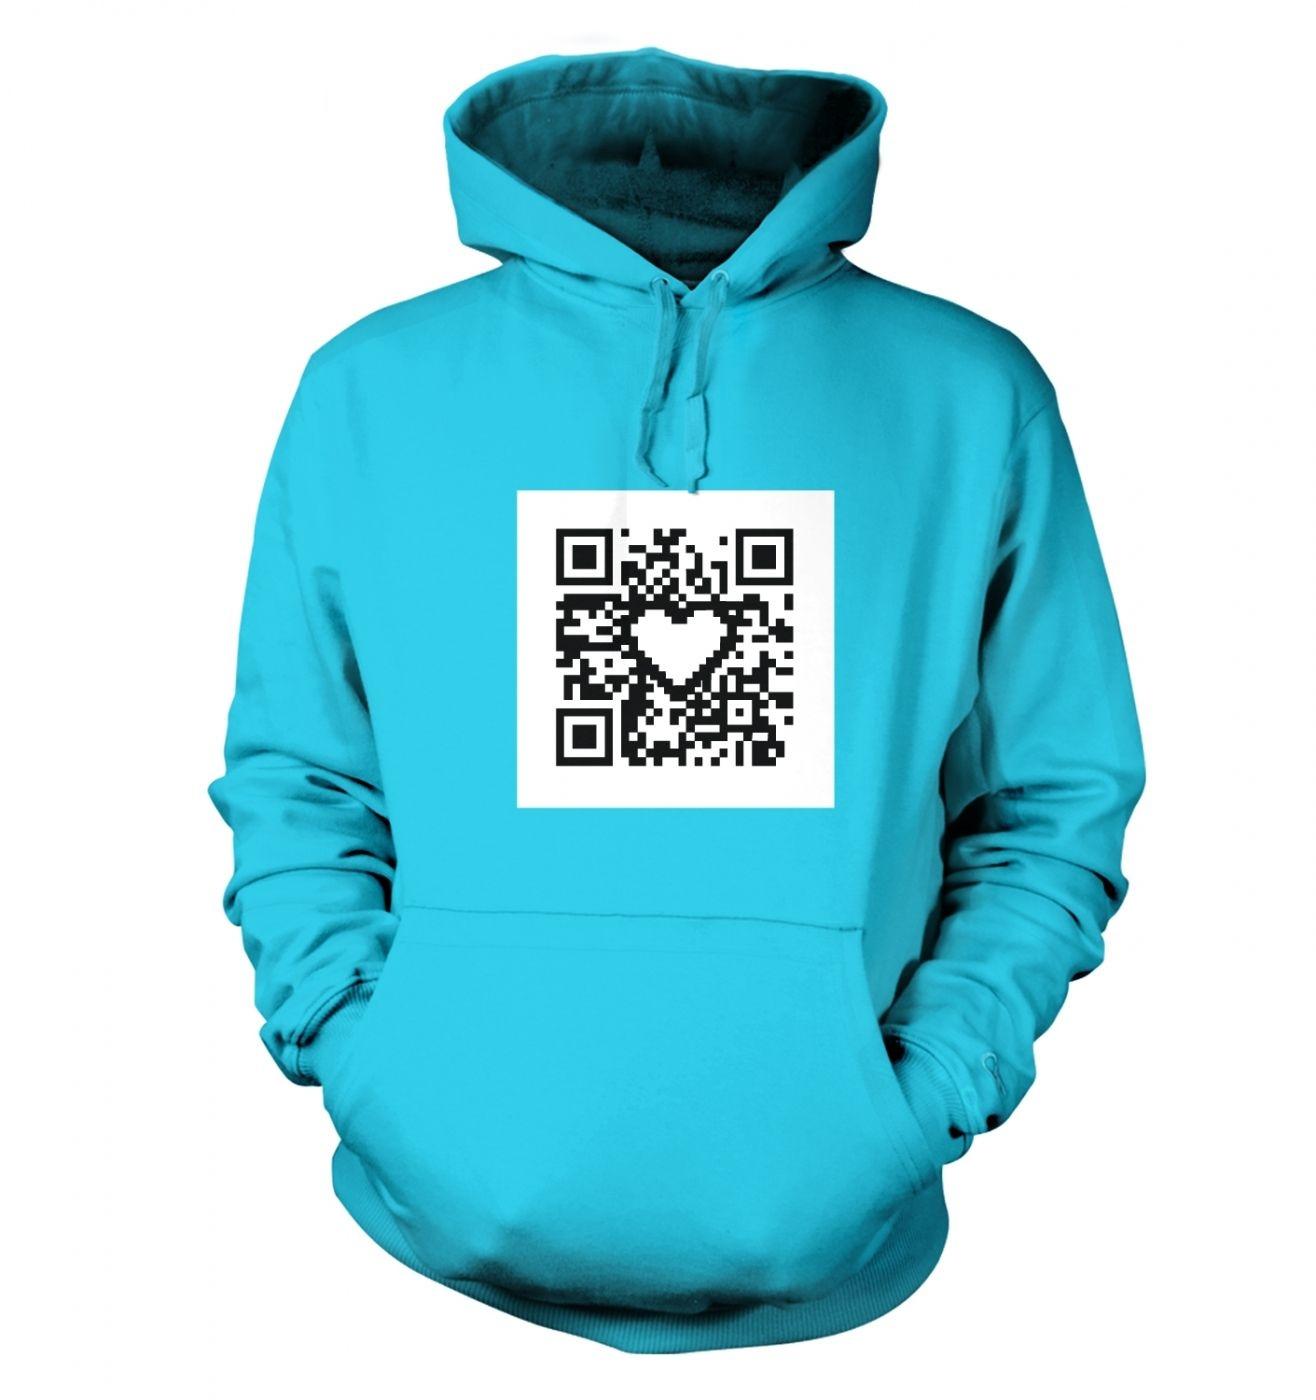 QR code heart hoodie